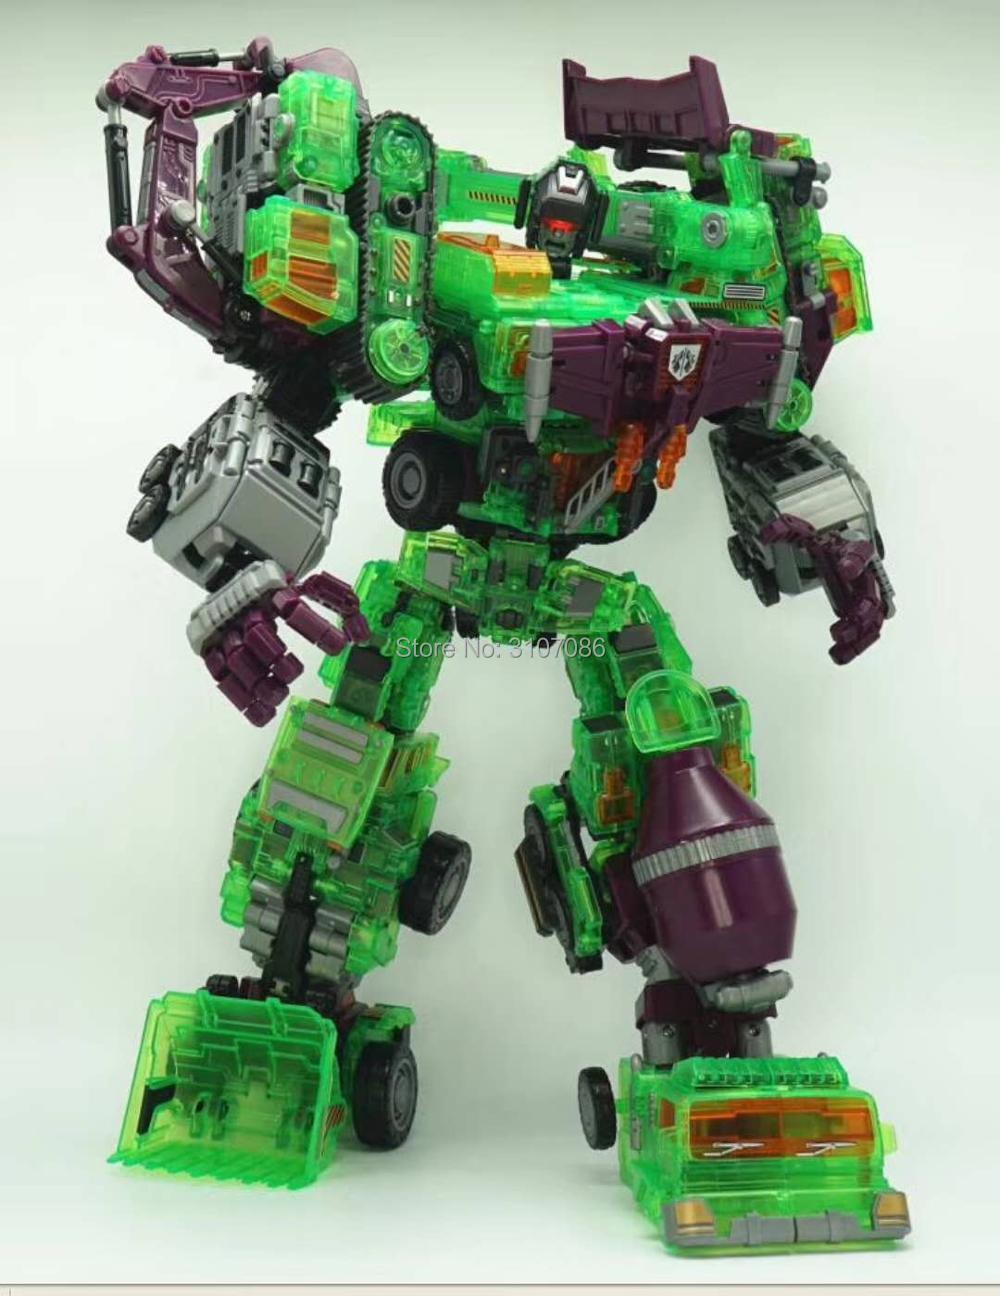 NBK Devastator 6IN1 Transparante Sets Bulldozer Scrapper Zwaartekracht Haak Transformatie Figuur Speelgoed-in Actie- & Speelgoedfiguren van Speelgoed & Hobbies op  Groep 1